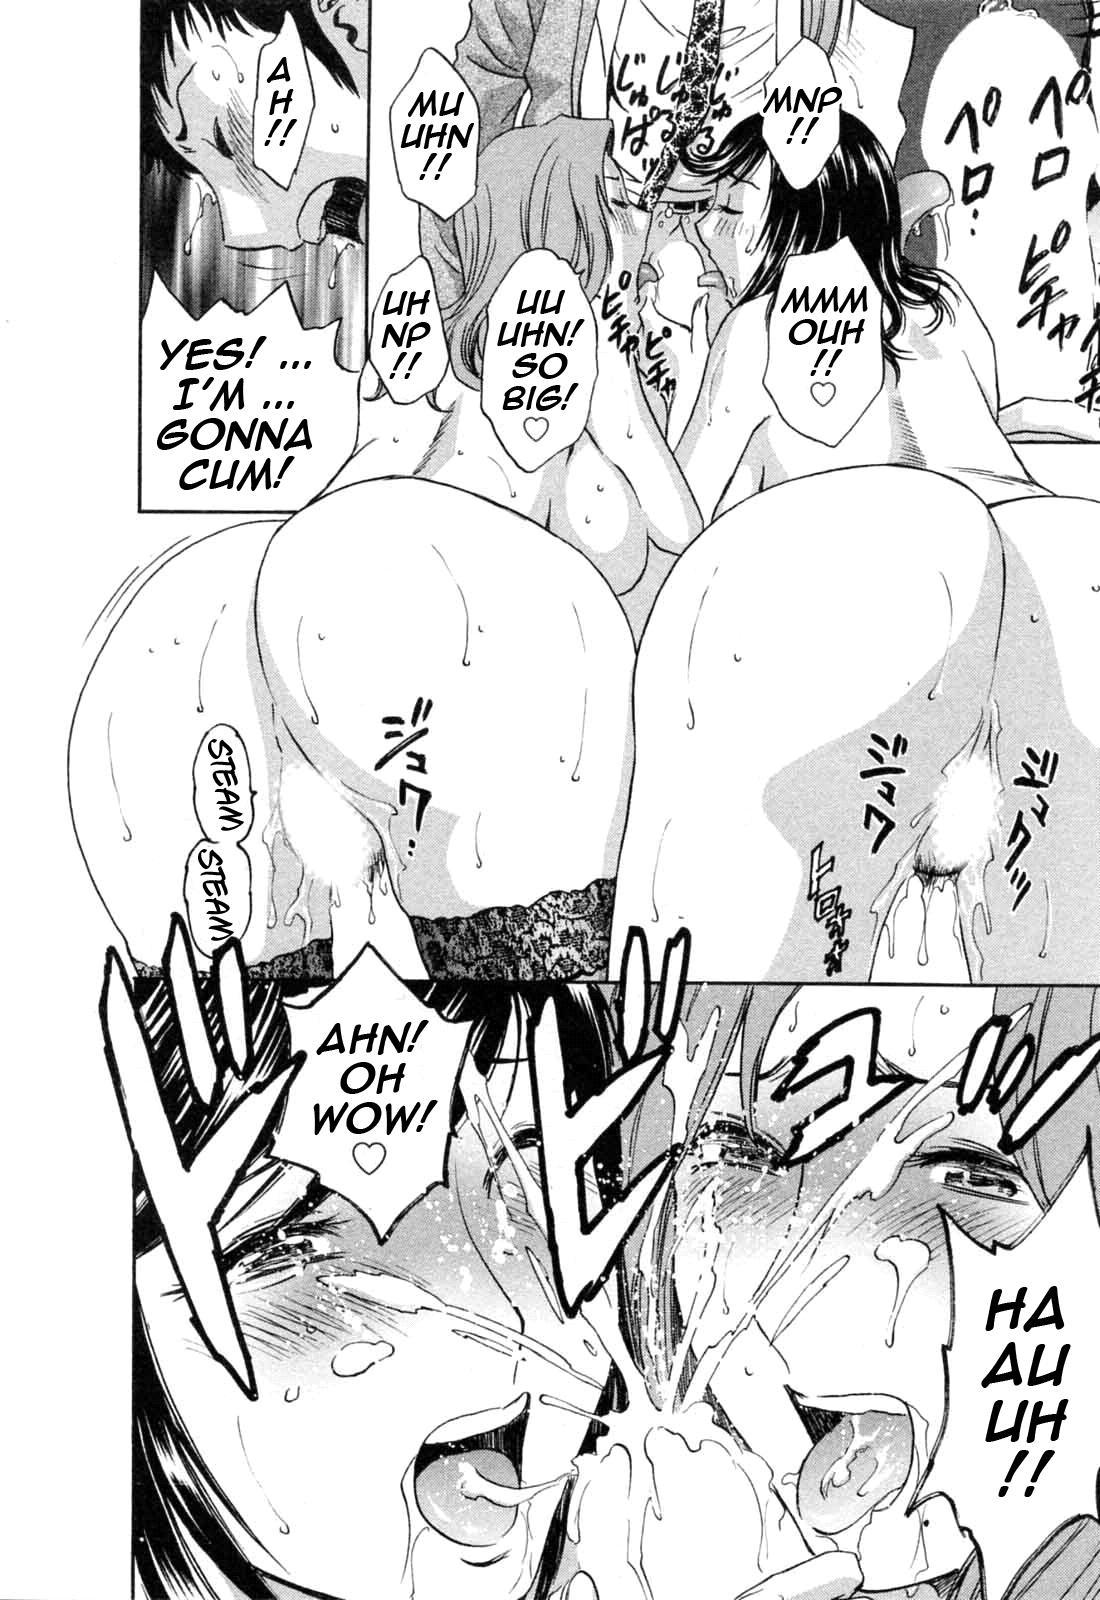 [Hidemaru] Mo-Retsu! Boin Sensei (Boing Boing Teacher) Vol.5 [English] [4dawgz] [Tadanohito] 67